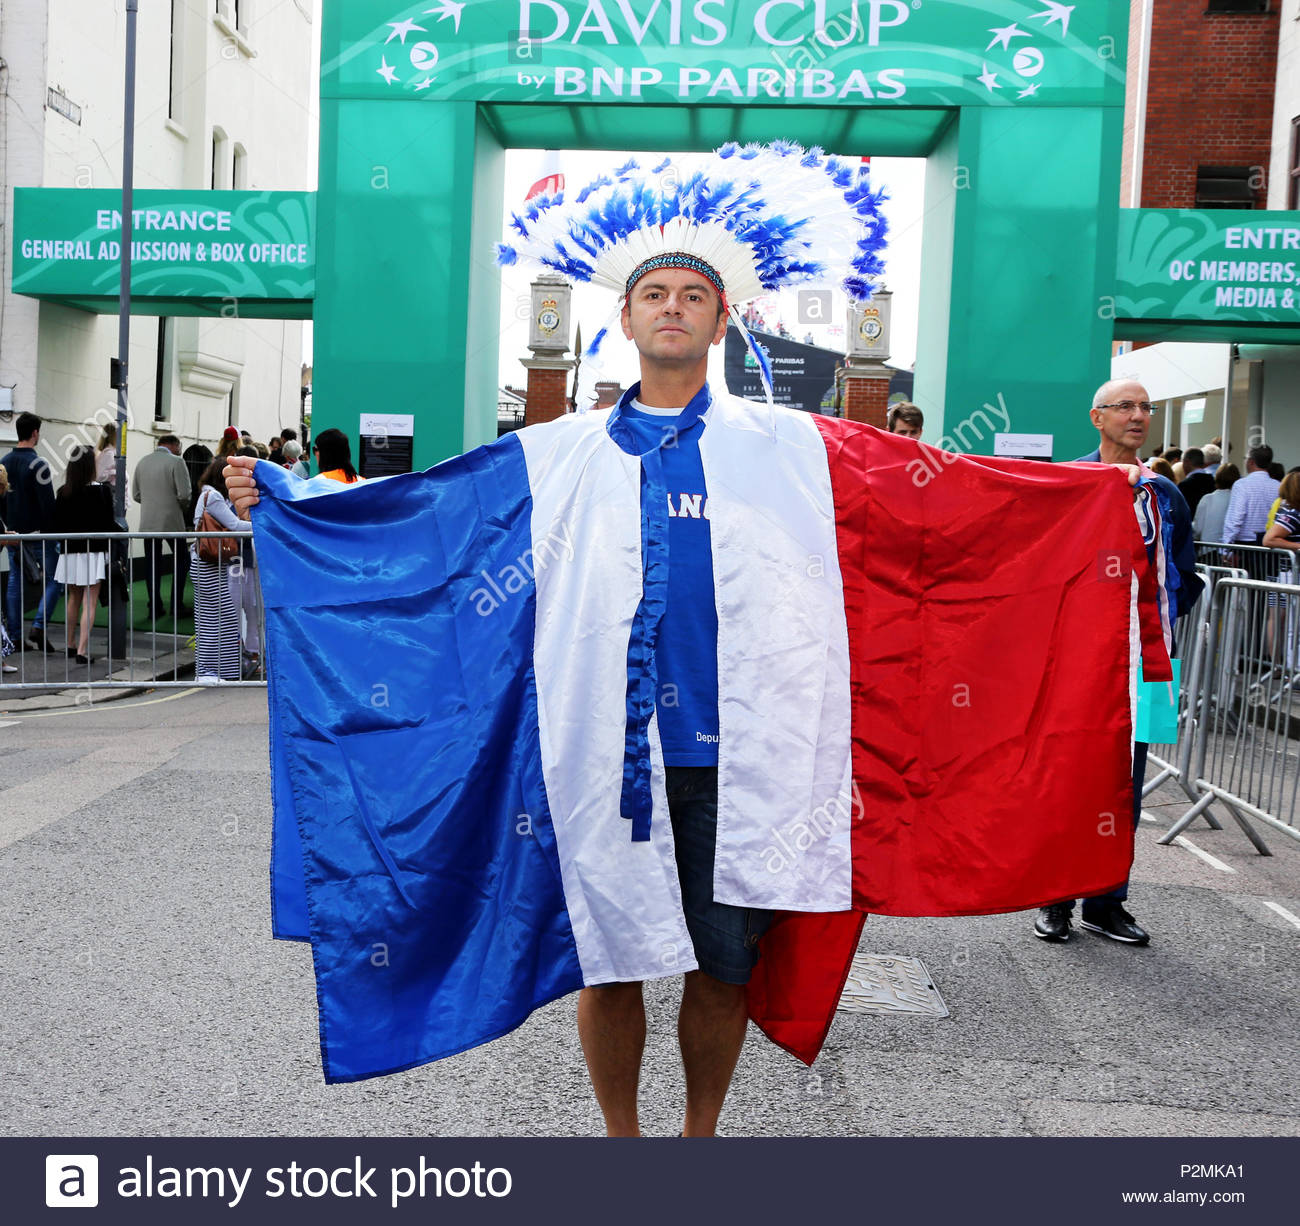 Los aficionados al tenis COPA DAVIS - jefe indio 9dfa4e42fb5